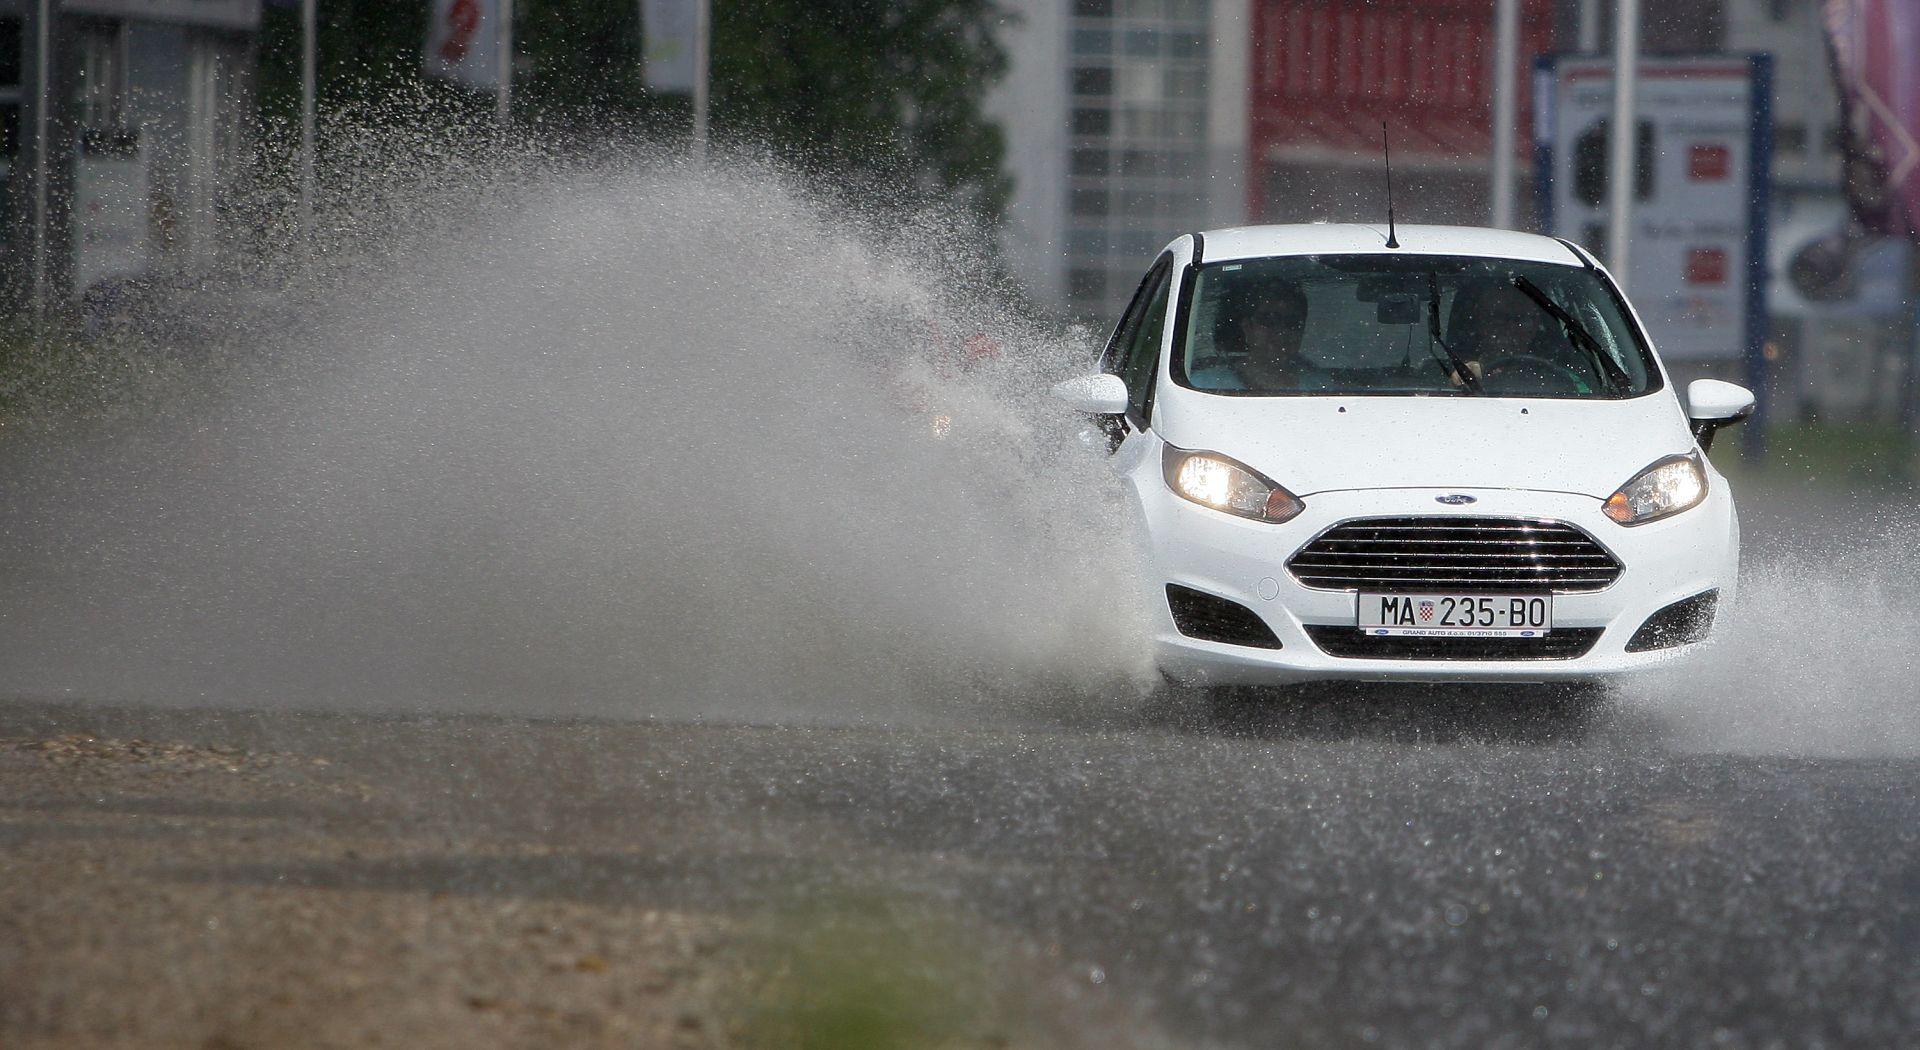 HAK Kiša i jaki pljuskovi mjestimice usporavaju promet